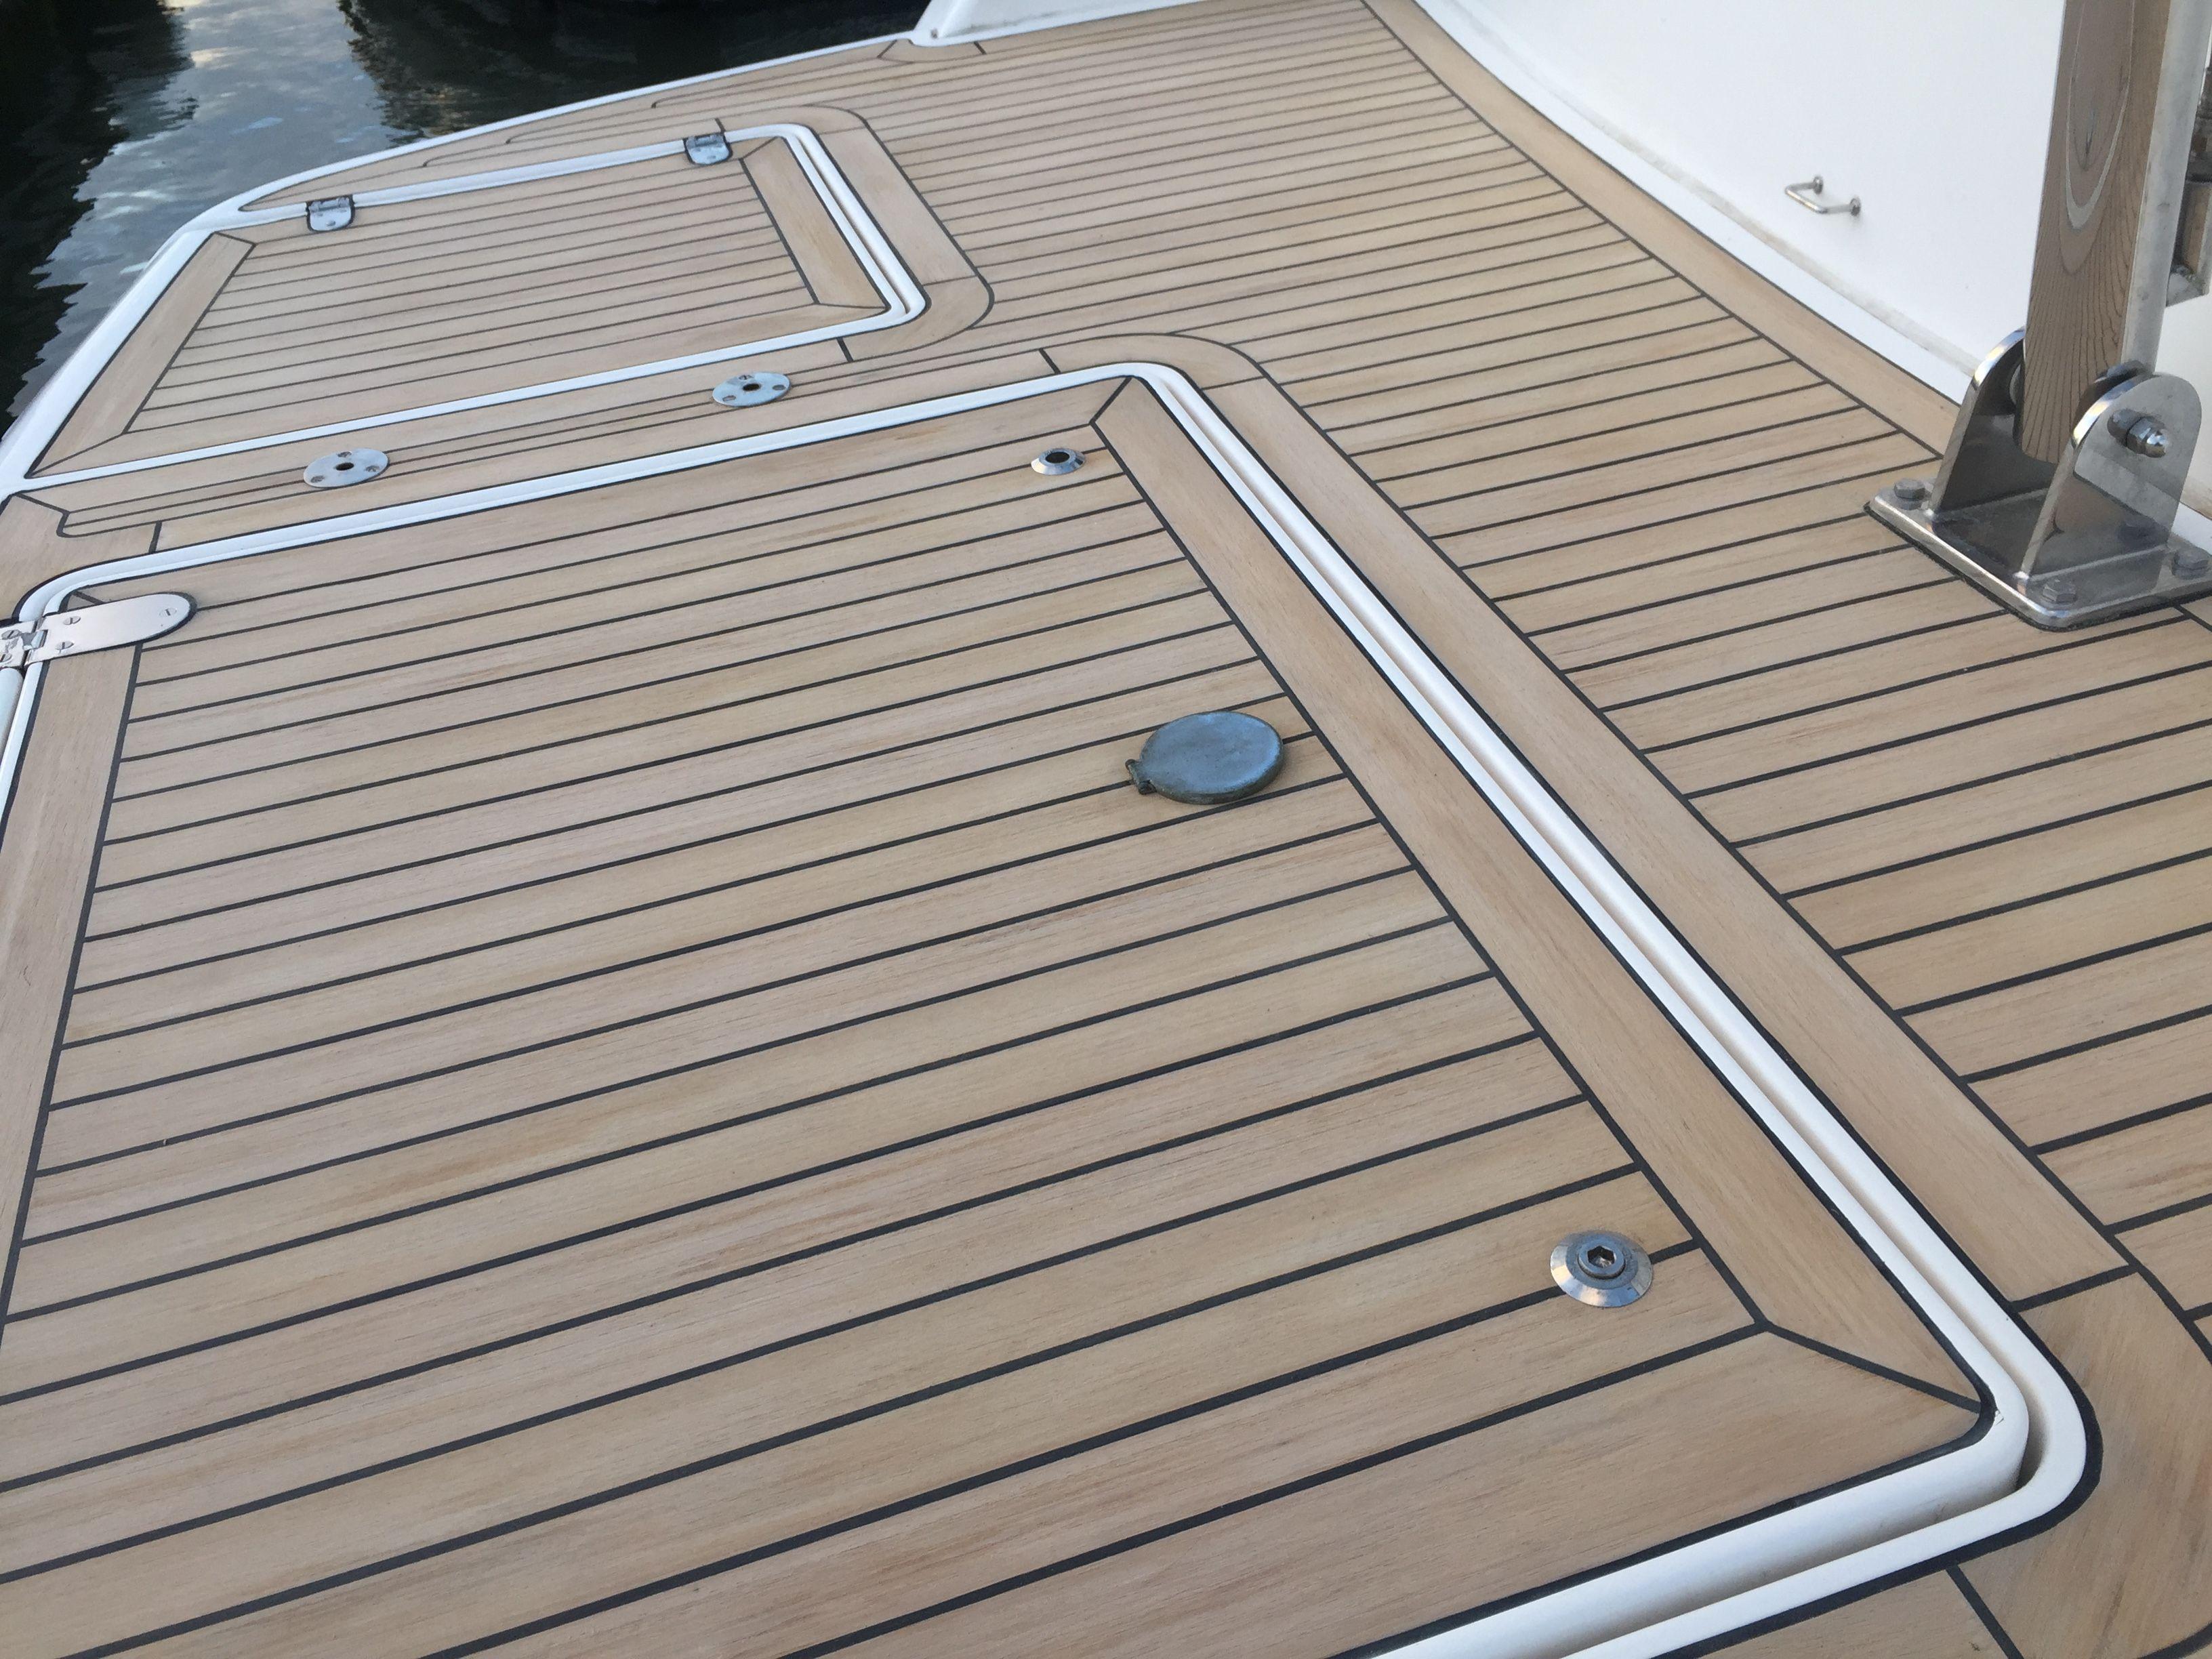 Marine vinyl woven flooring for Plastic decking material